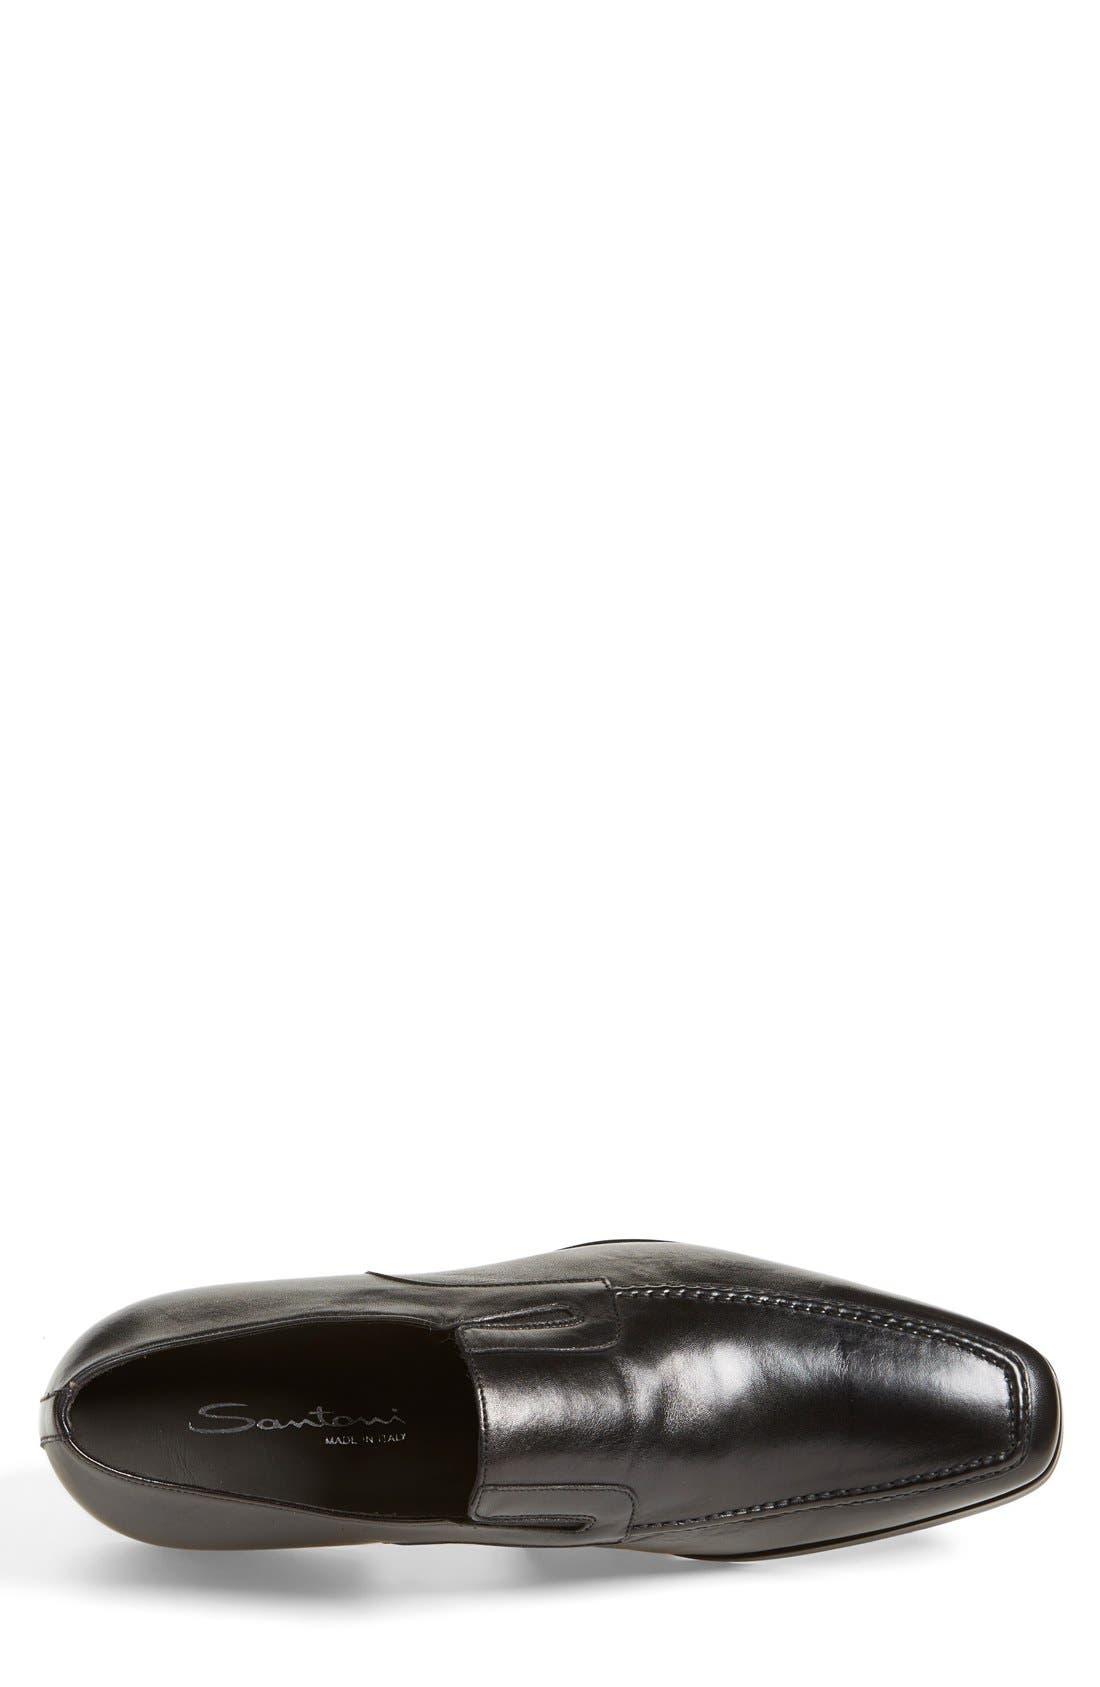 'Blaze' Venetian Loafer,                             Alternate thumbnail 3, color,                             001